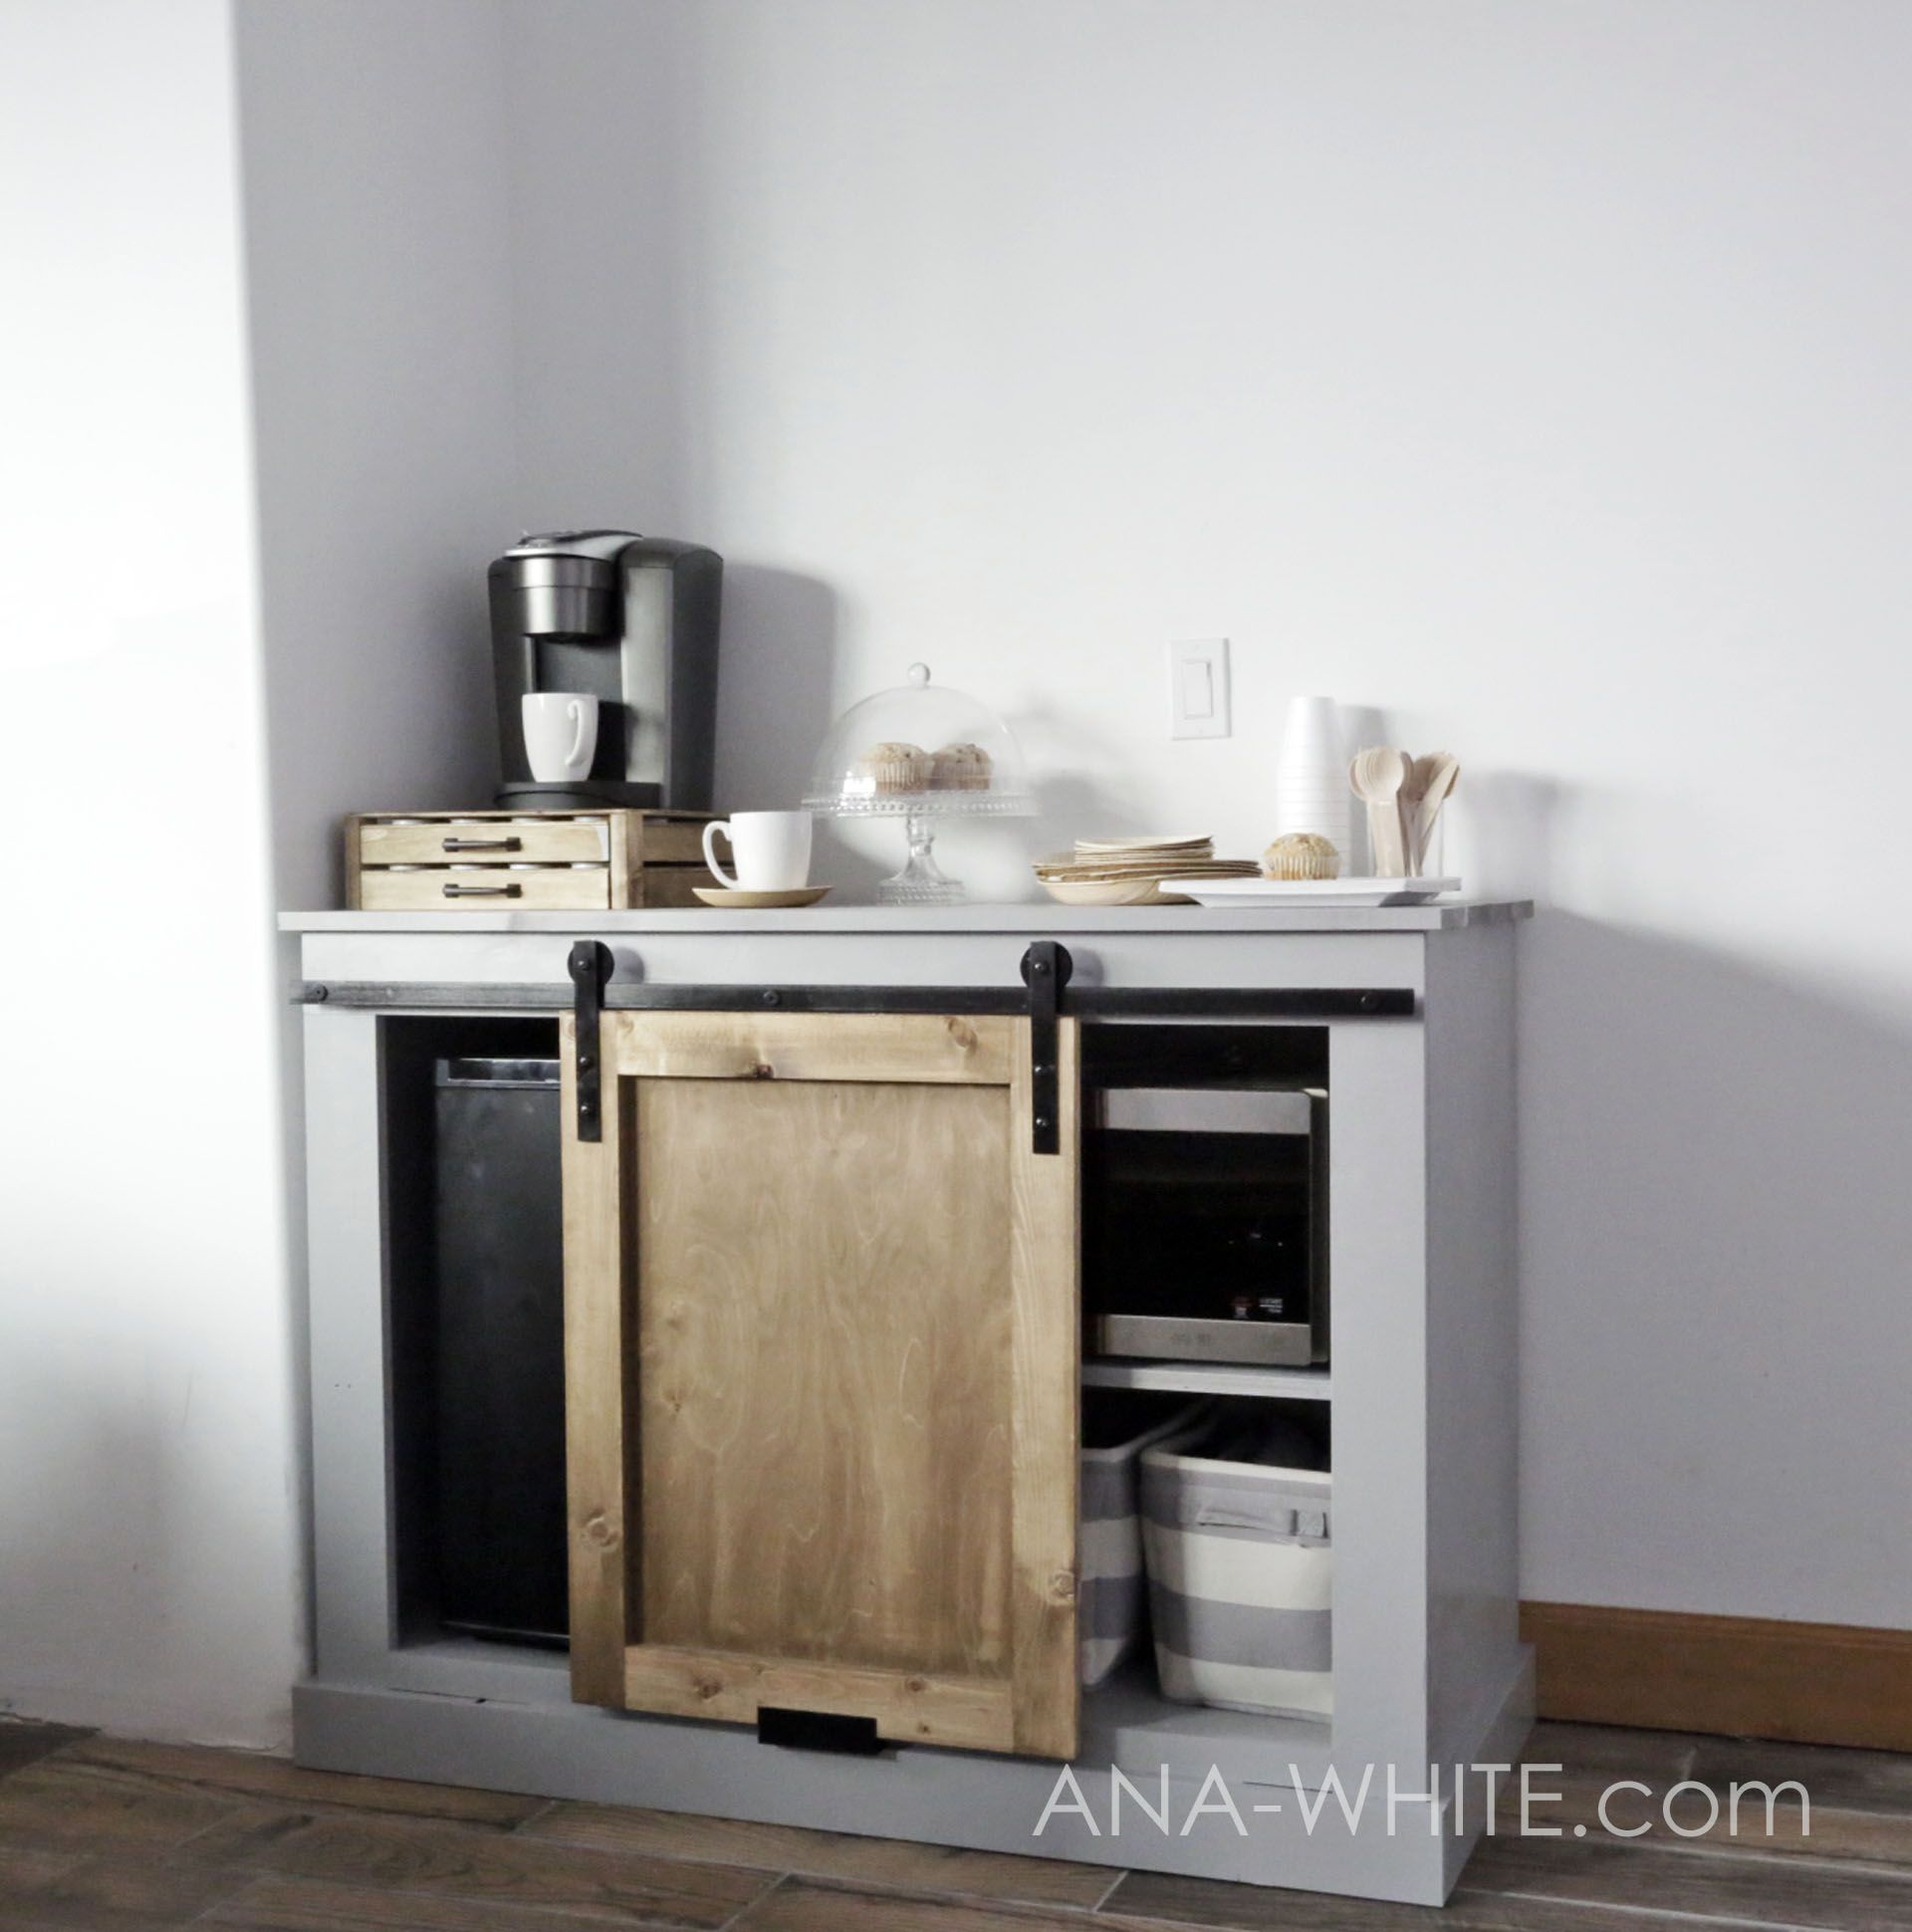 Barn Door Cabinet With Mini Fridge And Microwave Barn Door Cabinet Mini Fridge Cabinet Diy Barn Door Hardware